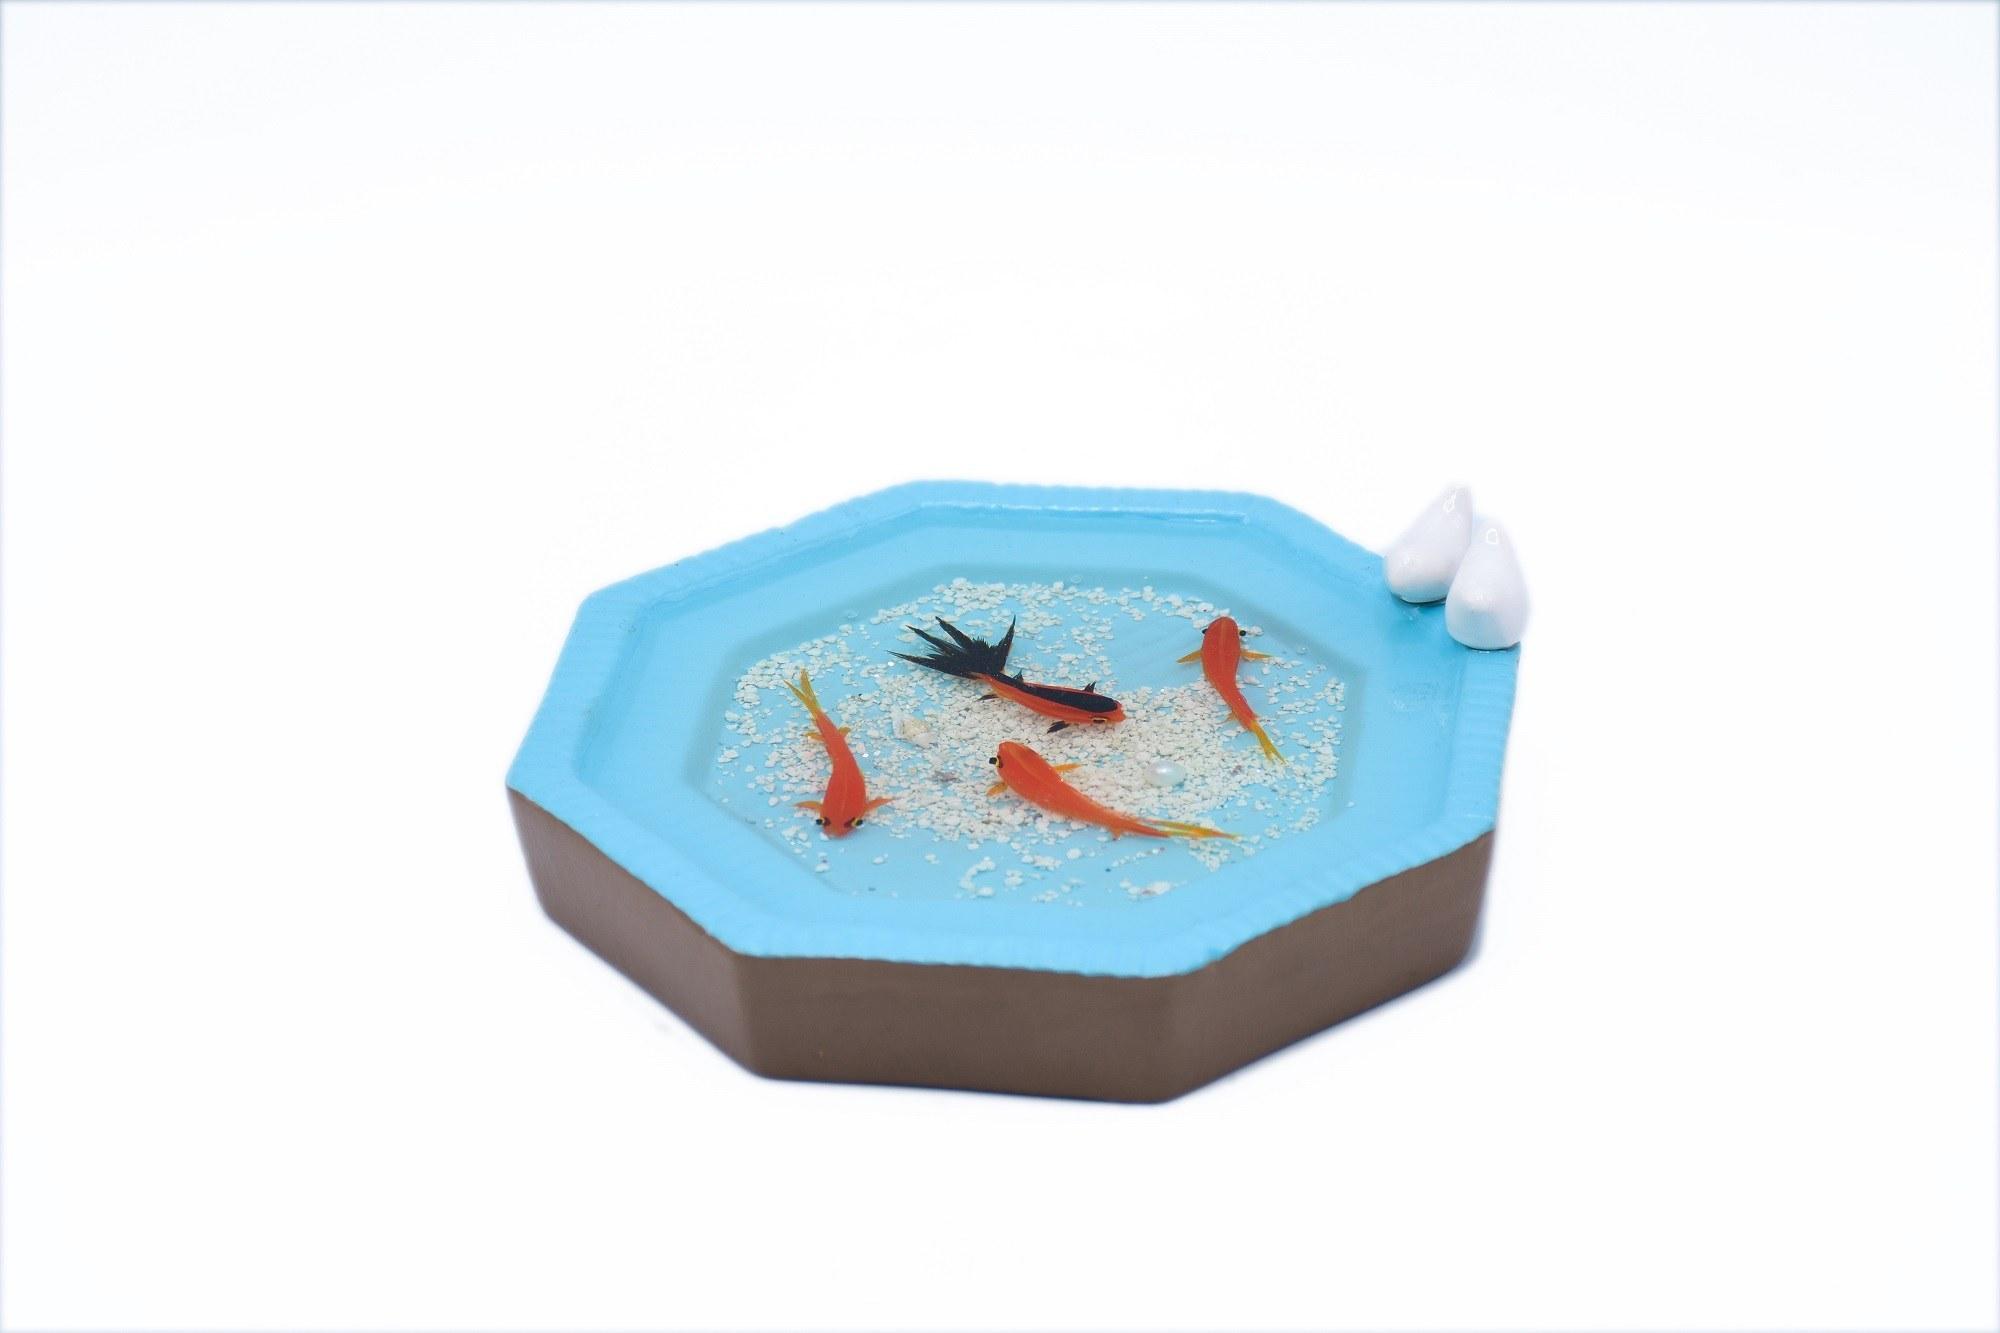 حوض مادربزرگ سایز بزرگ - ماهی قرمز